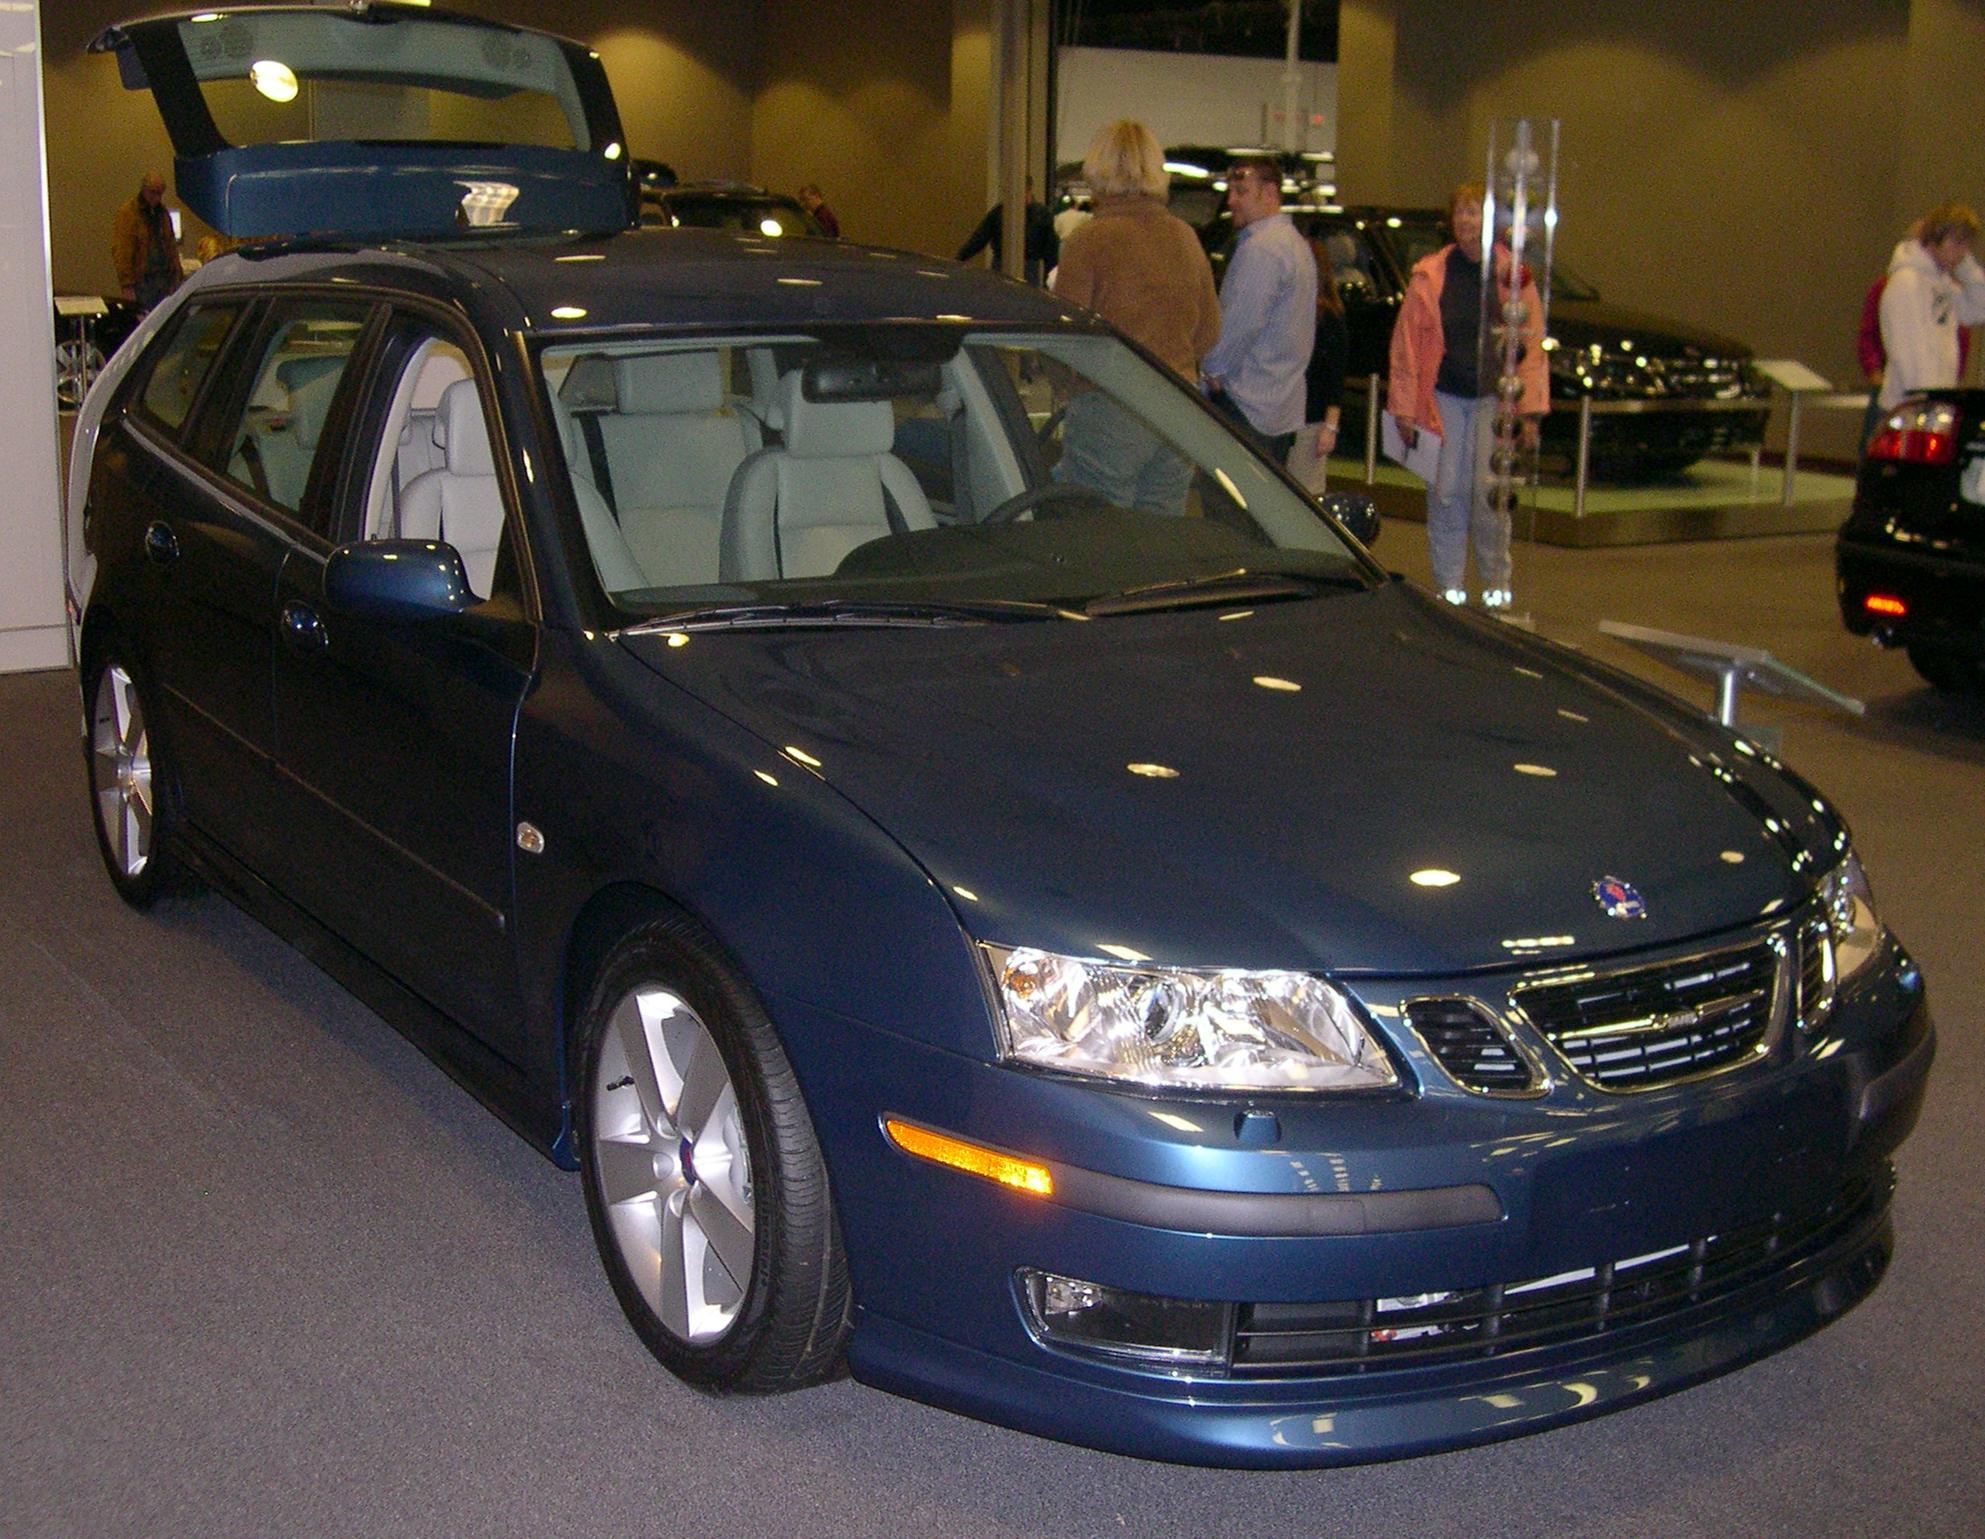 2006 saab 9 3 aero sedan 2 8l v6 turbo manual rh carspecs us 2006 saab 9-3 aero service manual 2006 Saab 9 3 Black